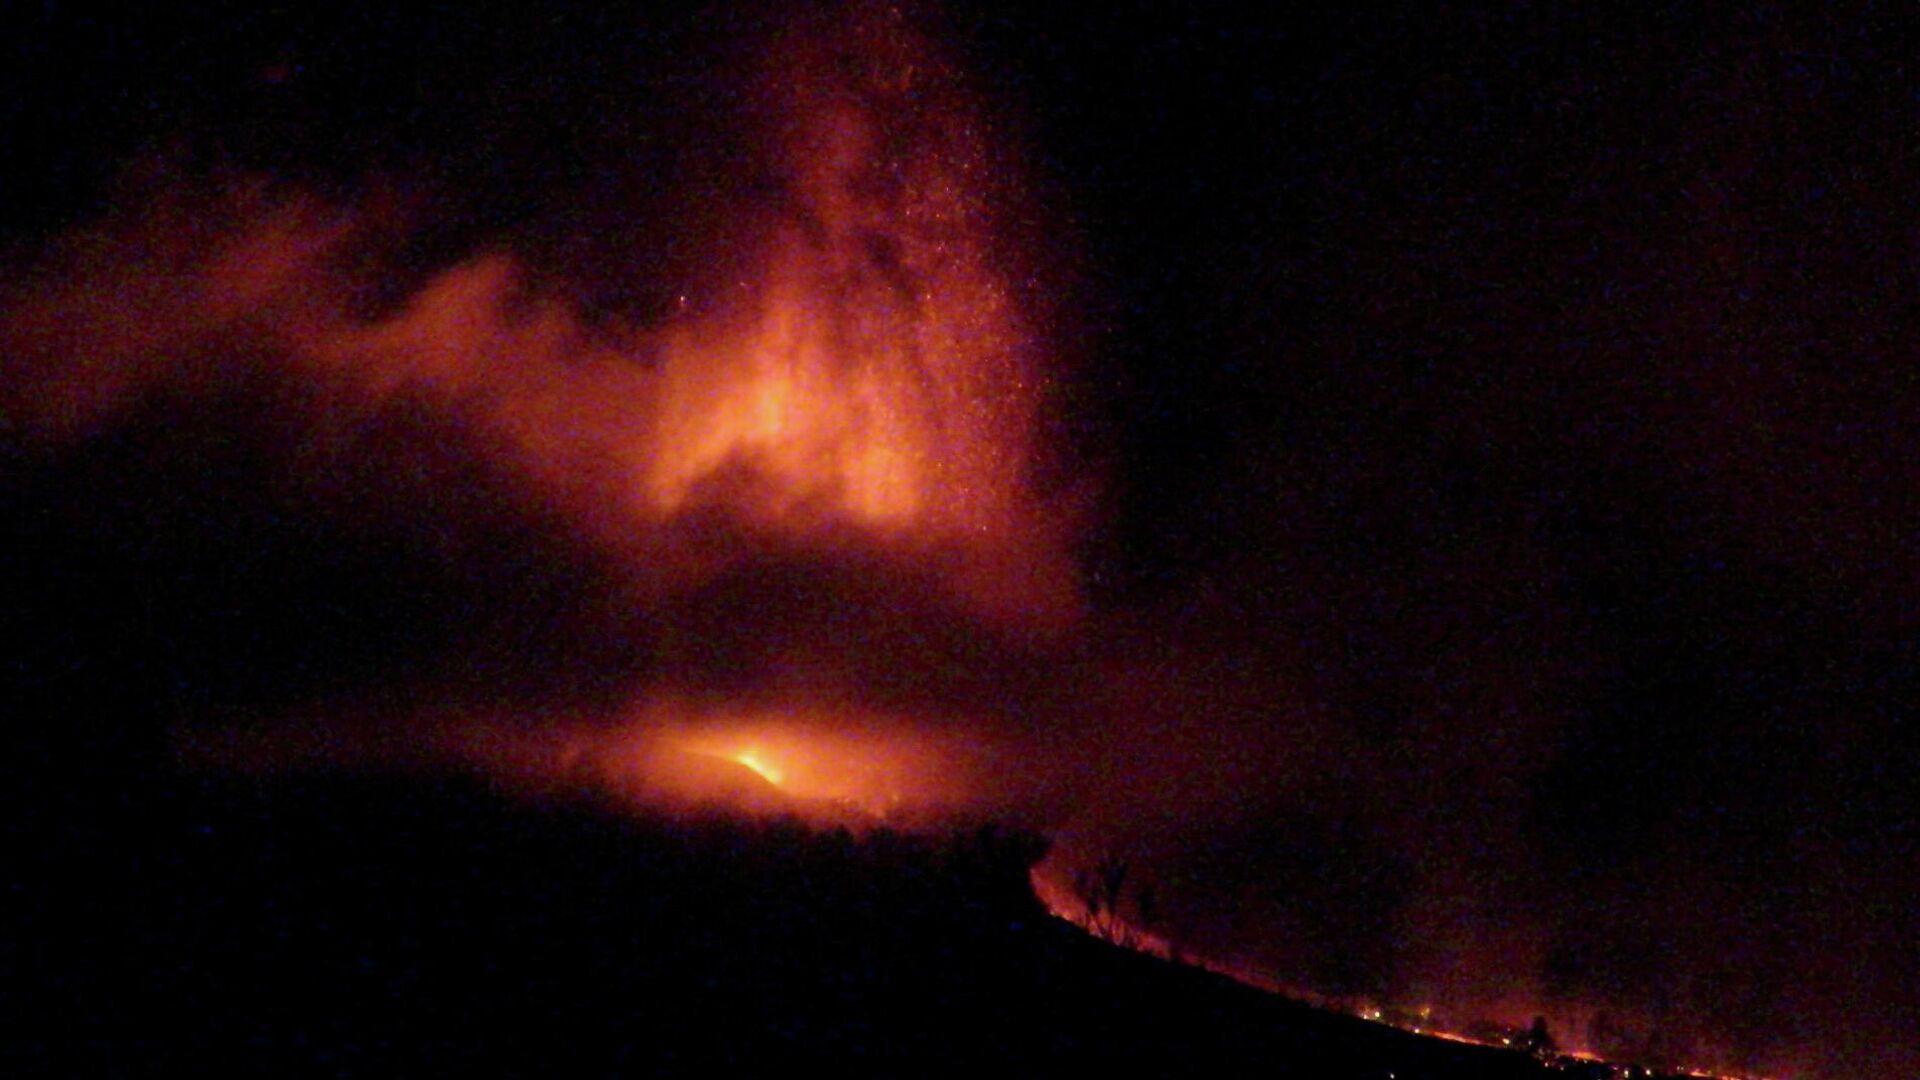 La erupción del volcán en La Palma, las Islas Canarias, España, 19 de septiembre de 2021 - Sputnik Mundo, 1920, 20.09.2021